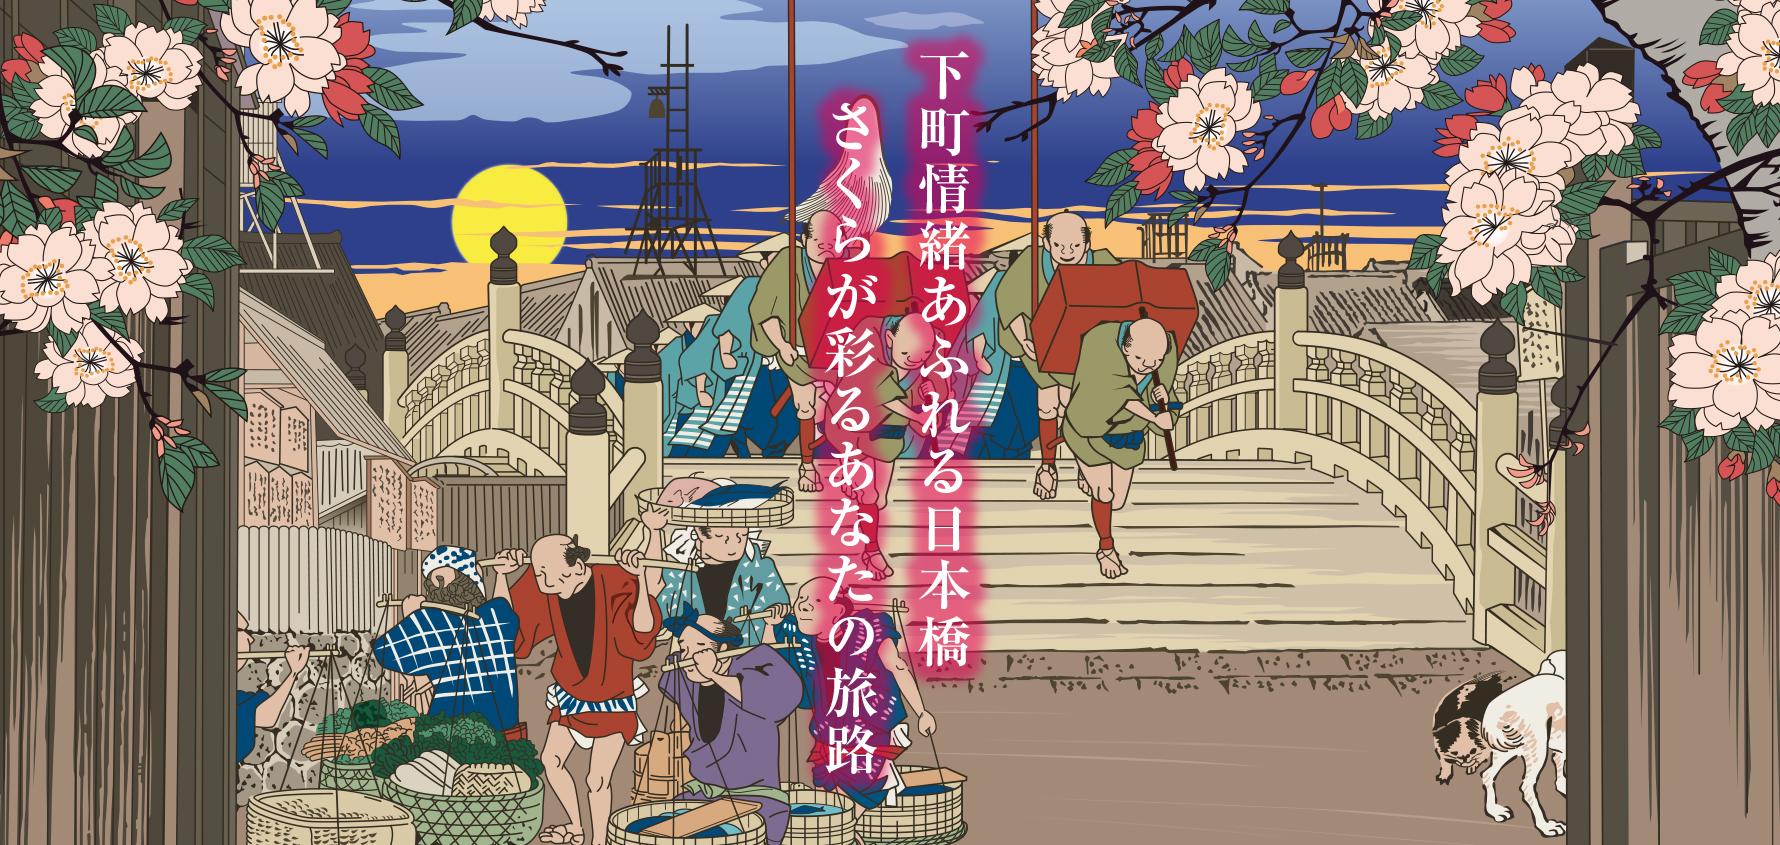 【京急 EXイン 東京・日本橋】下町情緒あふれる日本橋 さくらが彩るあなたの旅路